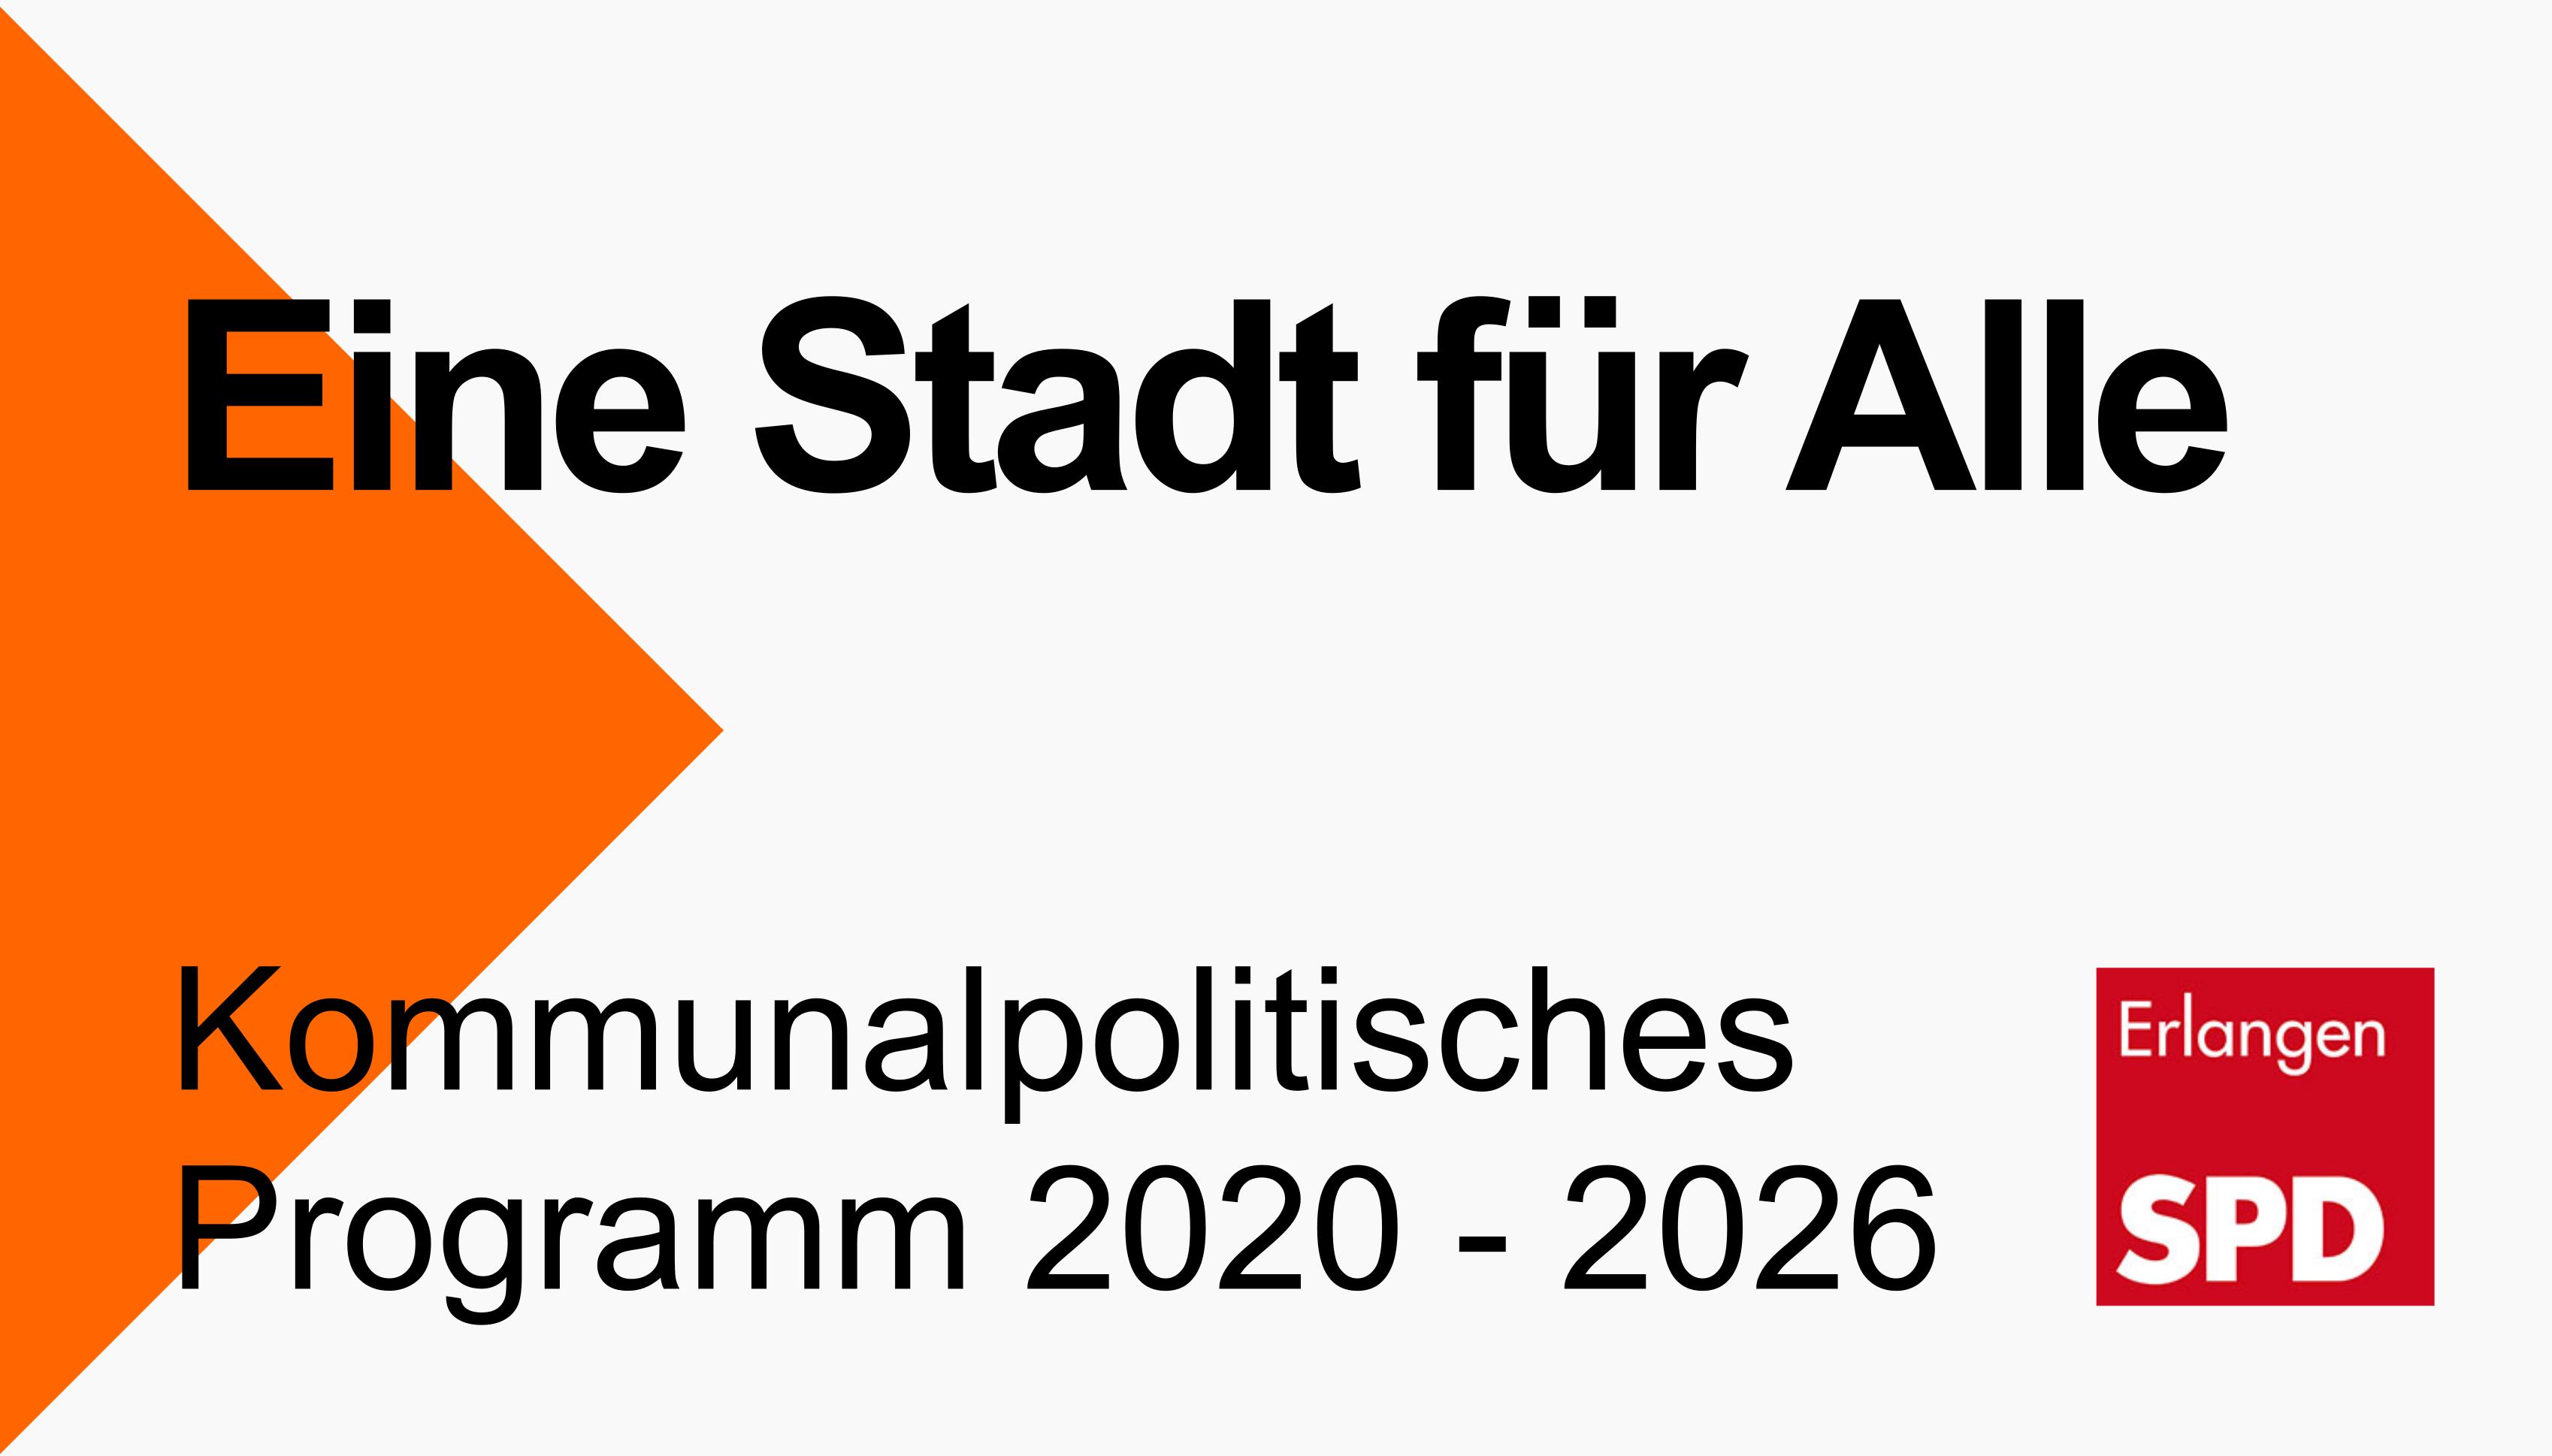 Kommunalpolitisches Programm 2020-2026 (Link öffnet in neuem Fenster)